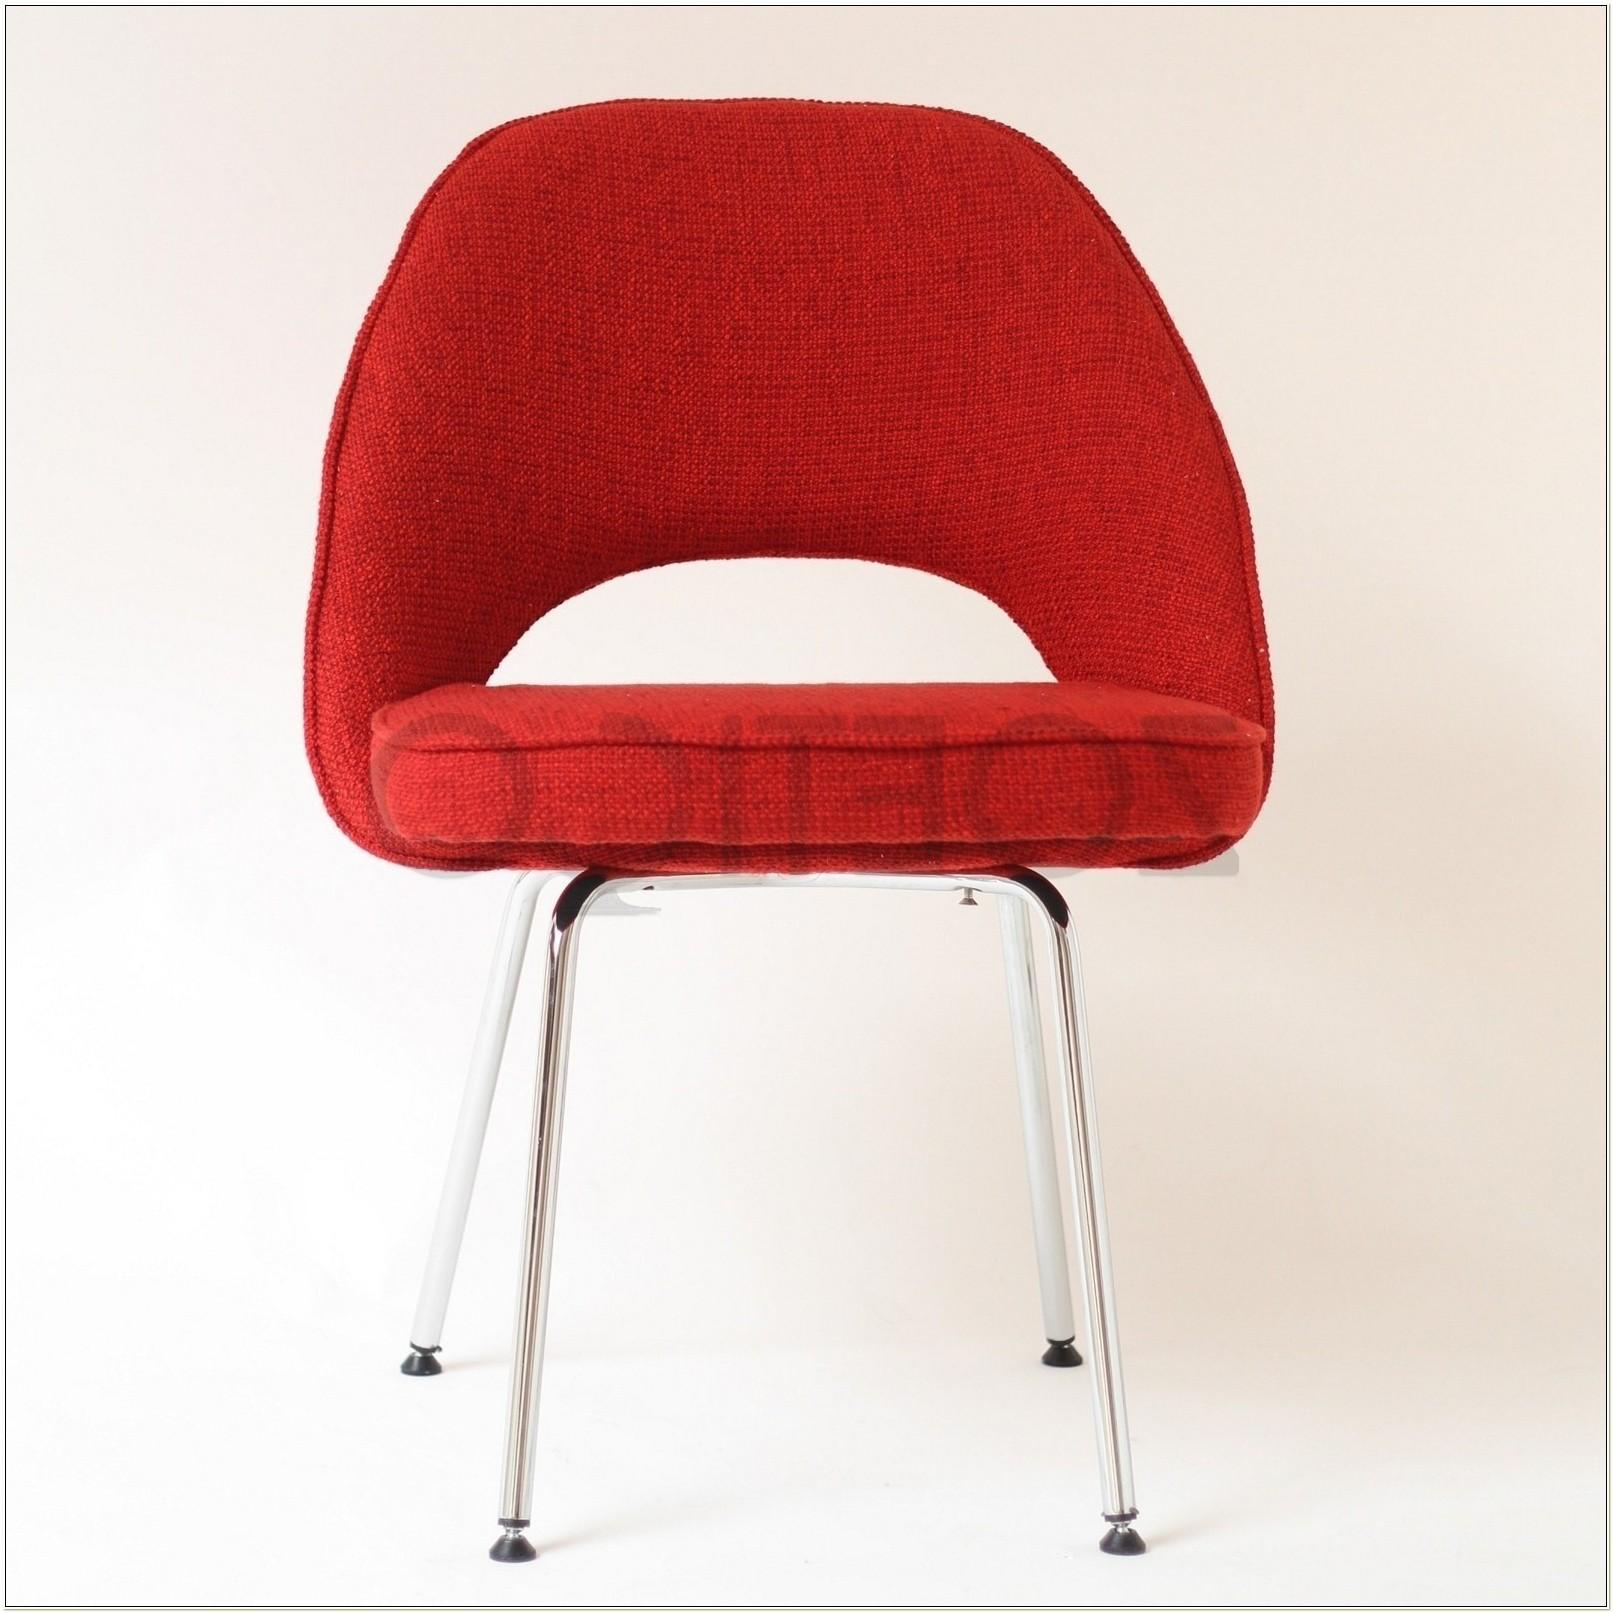 Eero Saarinen Style Executive Chair